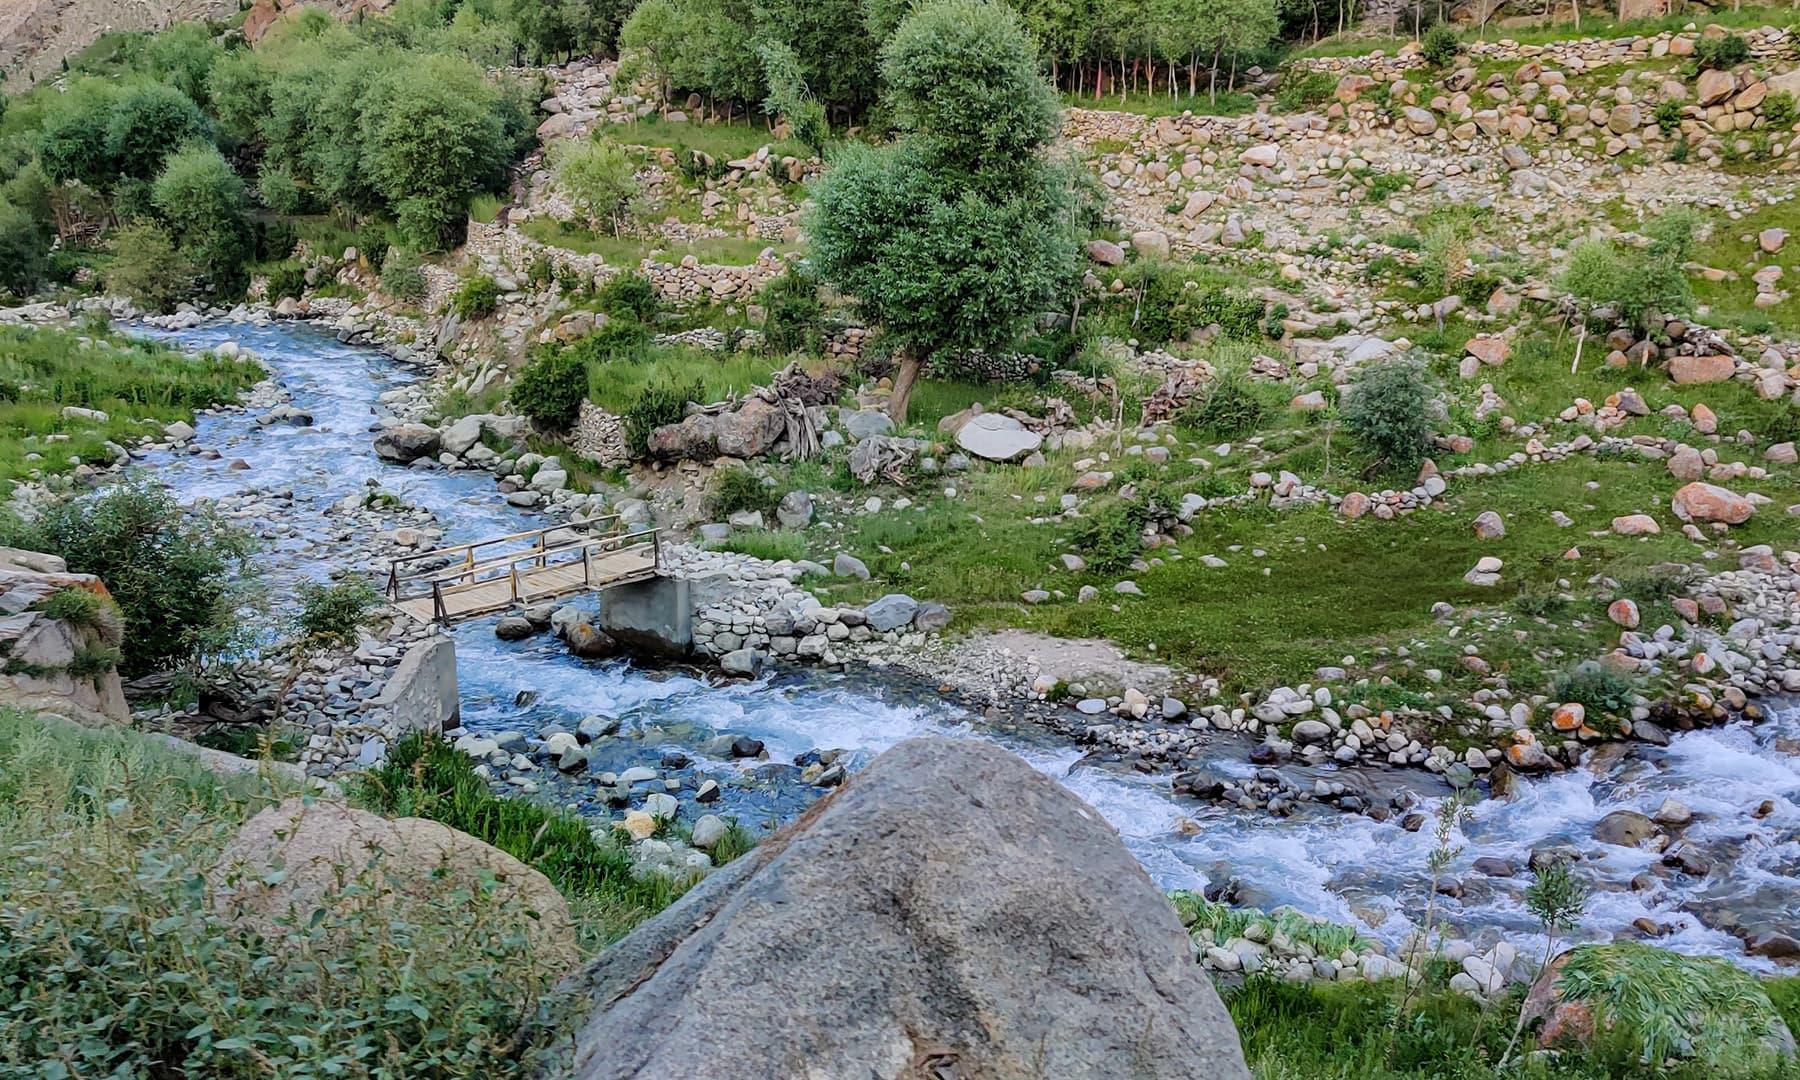 ندی گاؤں کو پانی کی فراہمی کا واحد ذریعہ ہے